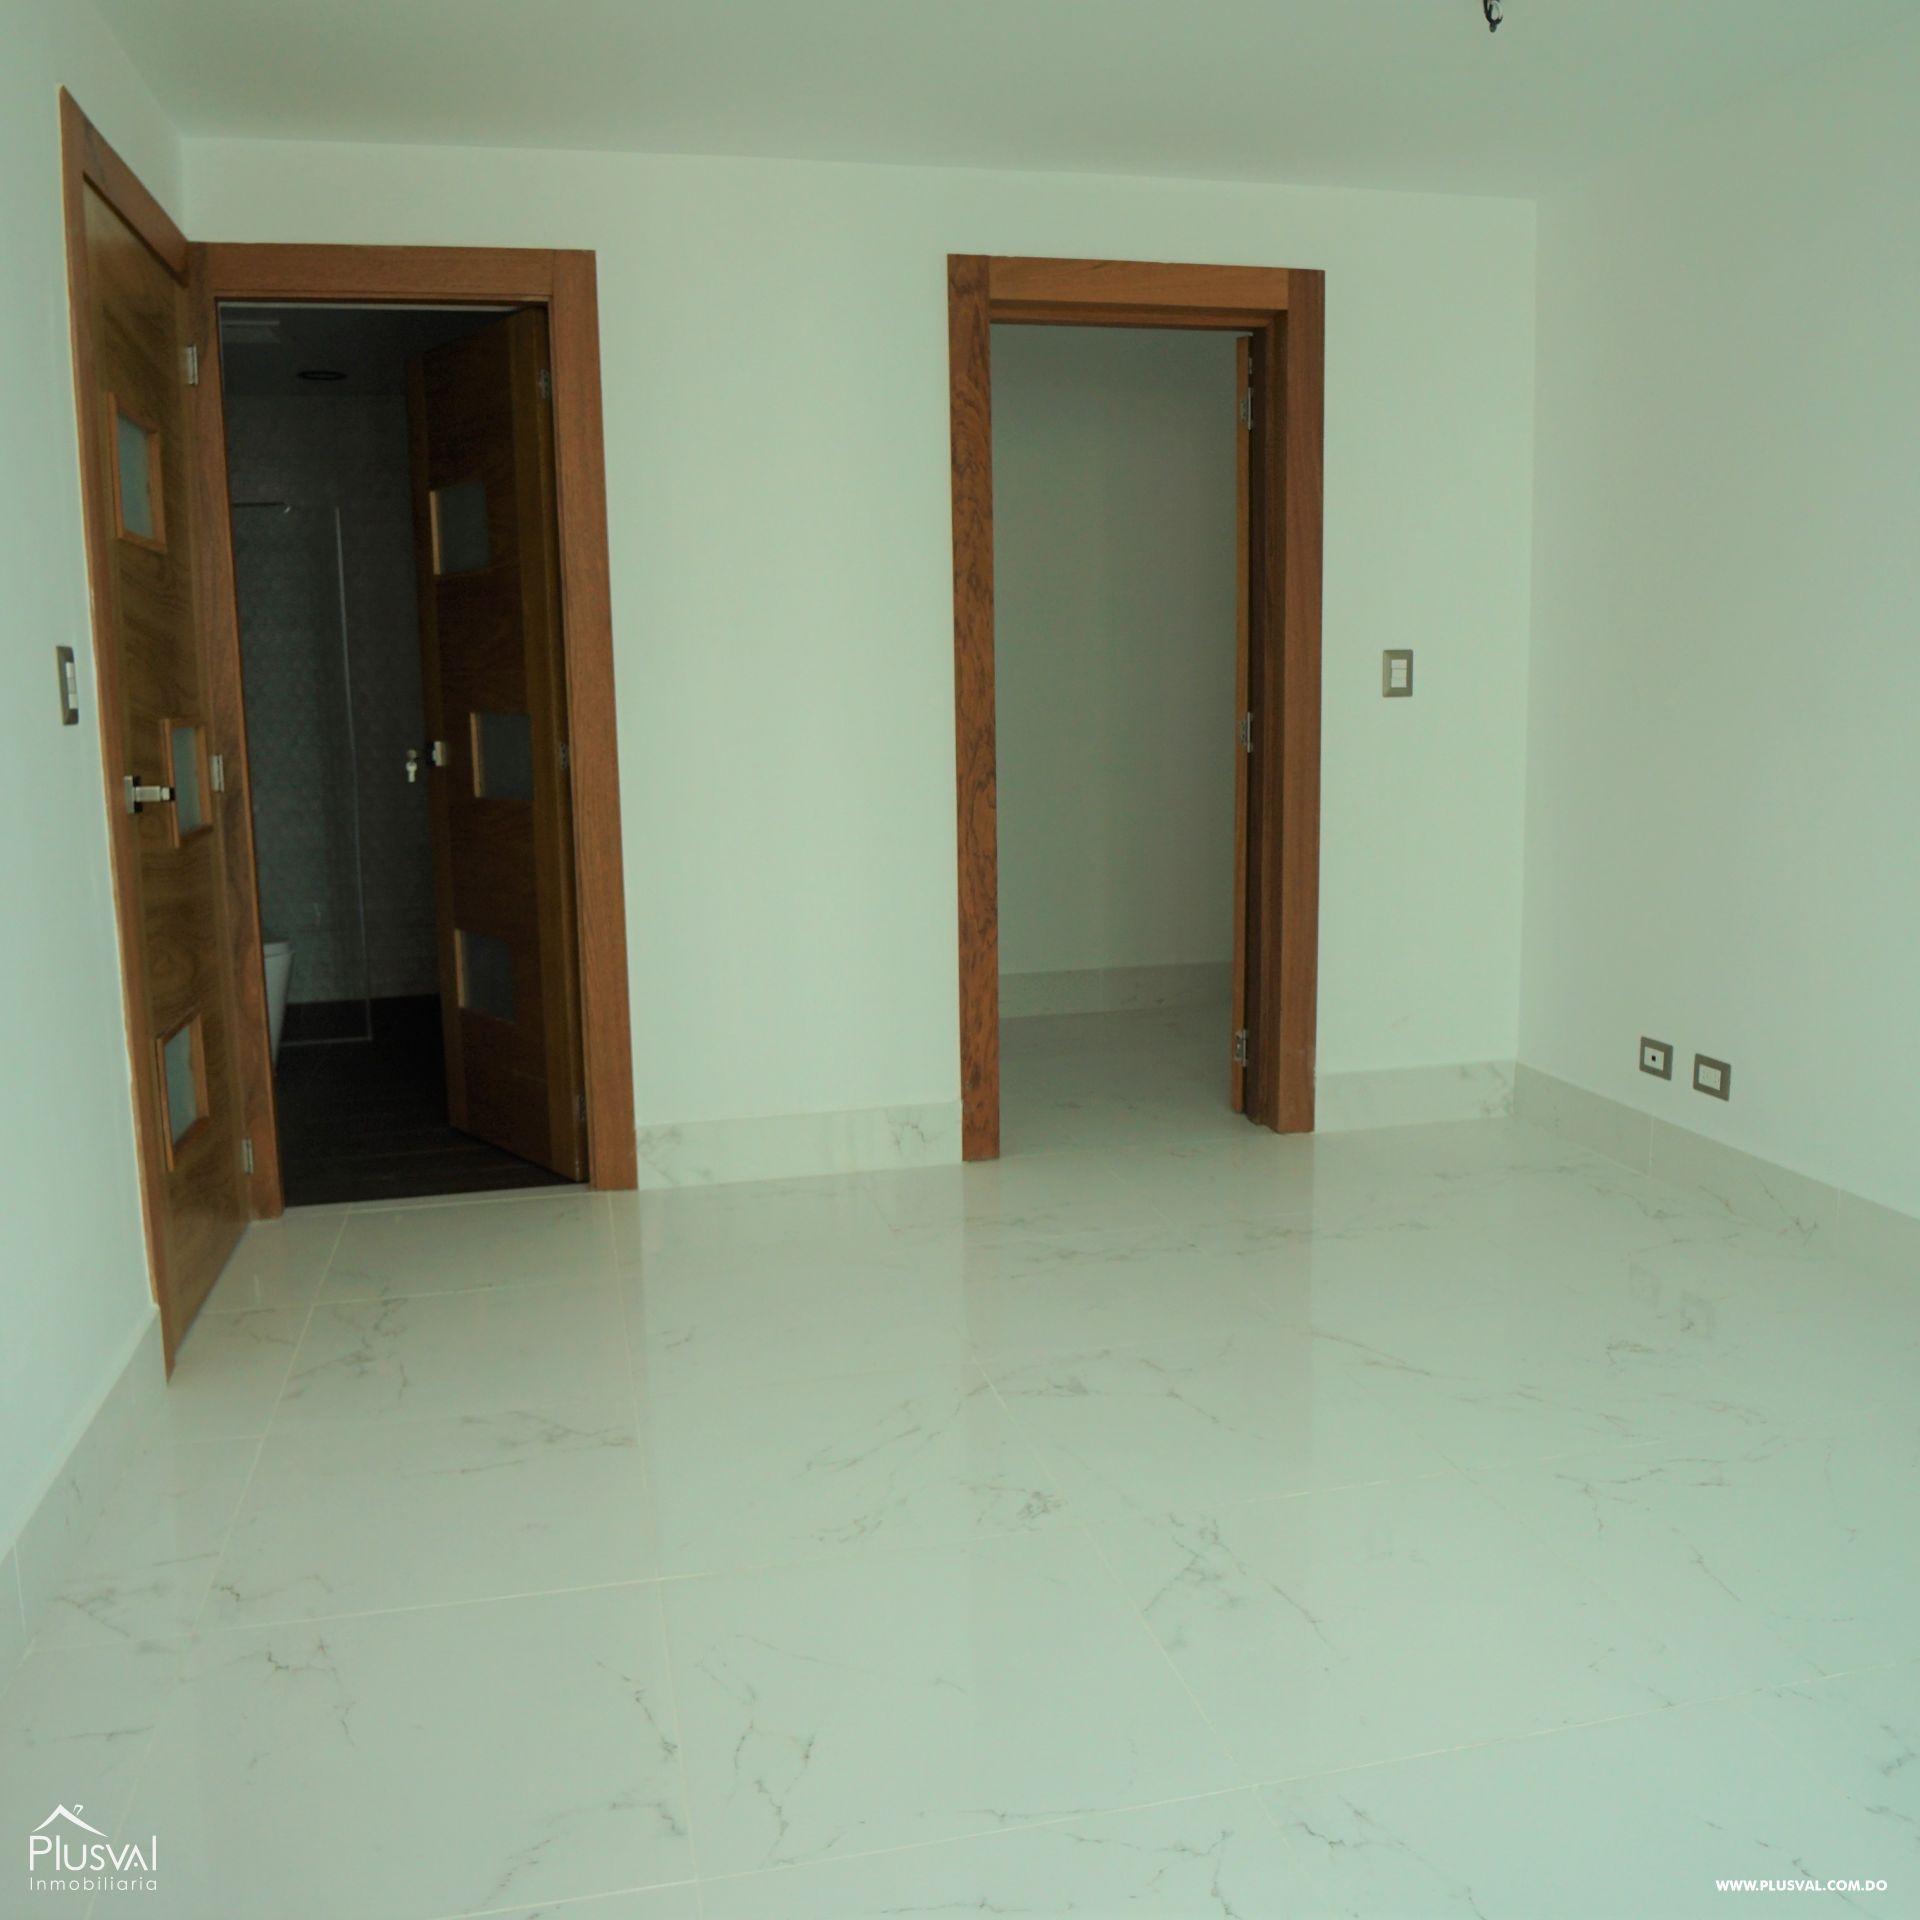 Apartamento en alquiler con linea blanca en Piantini 183087